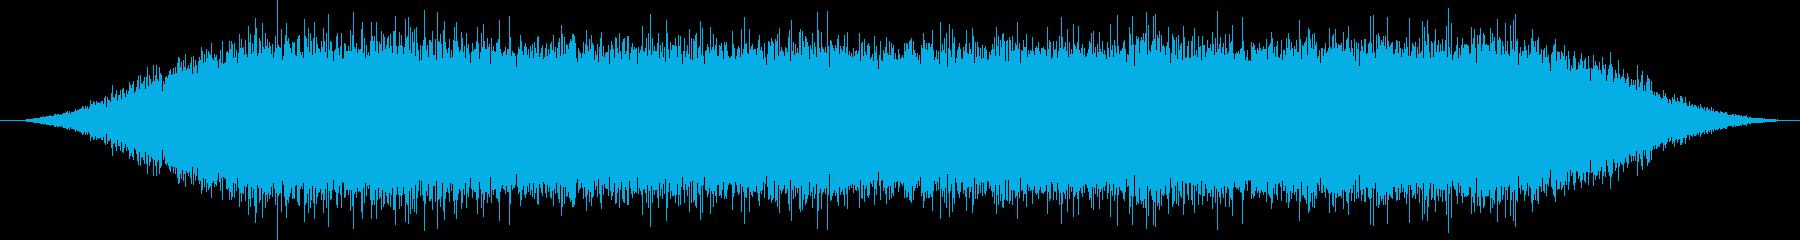 自然 ウォーターヒューシュ01の再生済みの波形